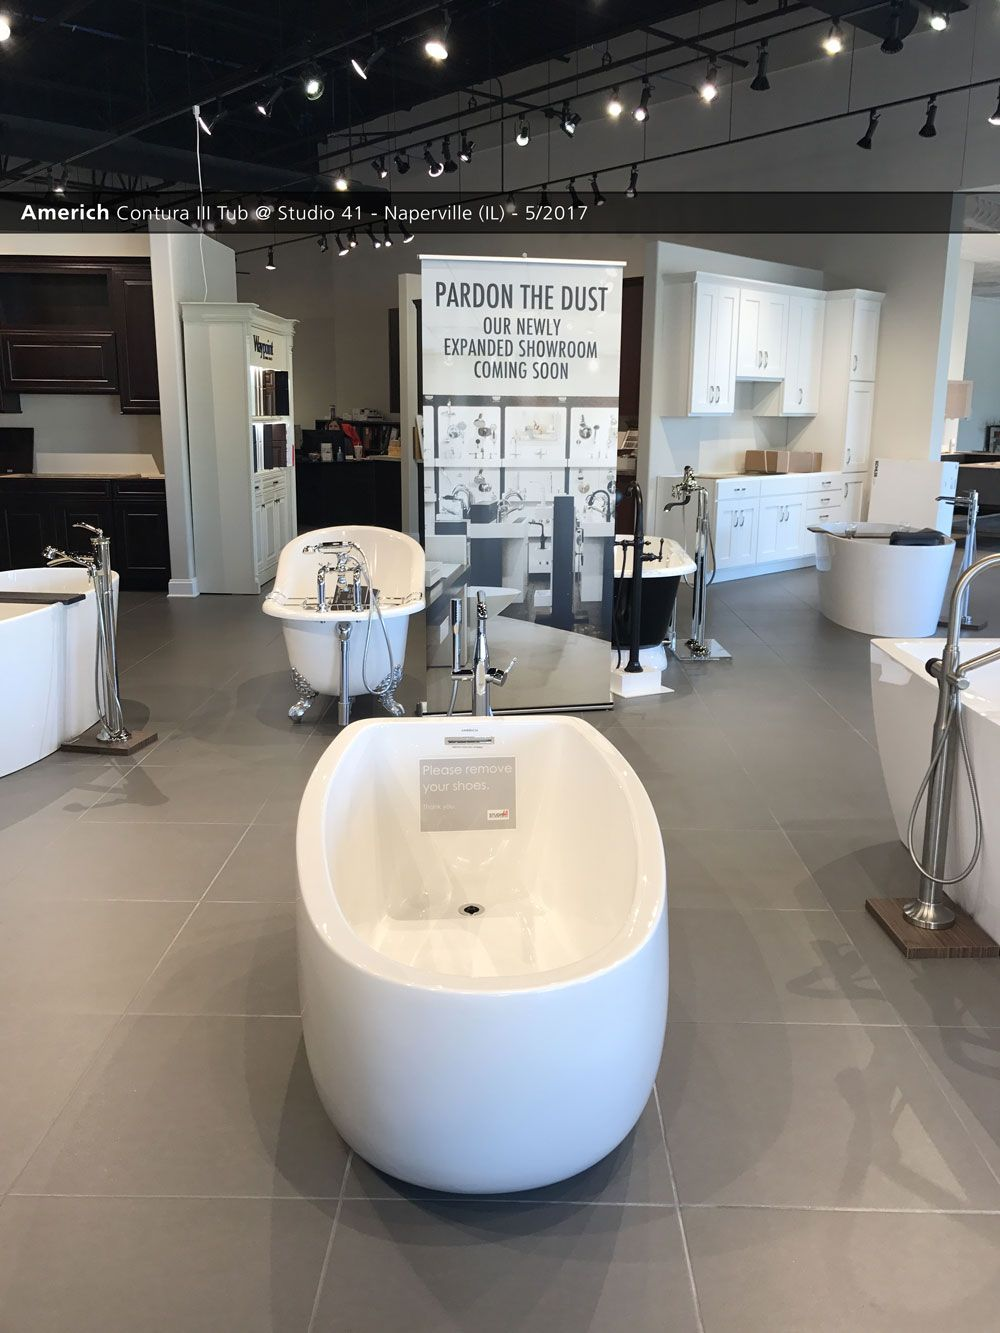 Americh Contura III Tub Studio Naperville IL - Bathroom showroom naperville